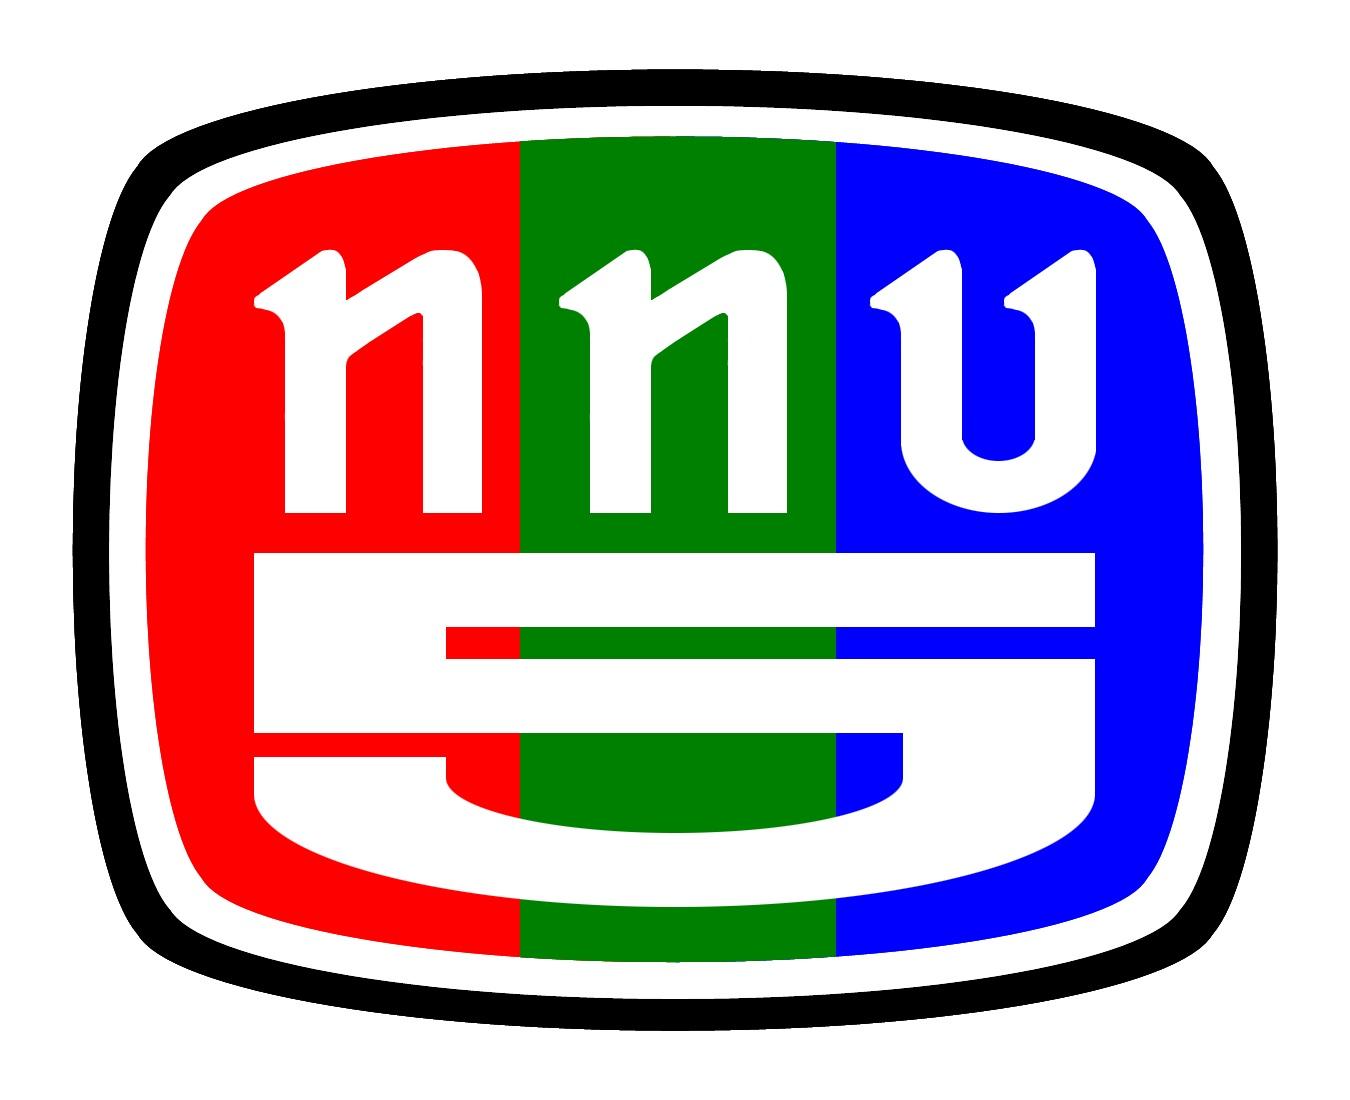 ช่อง 5 - Thai Tv online